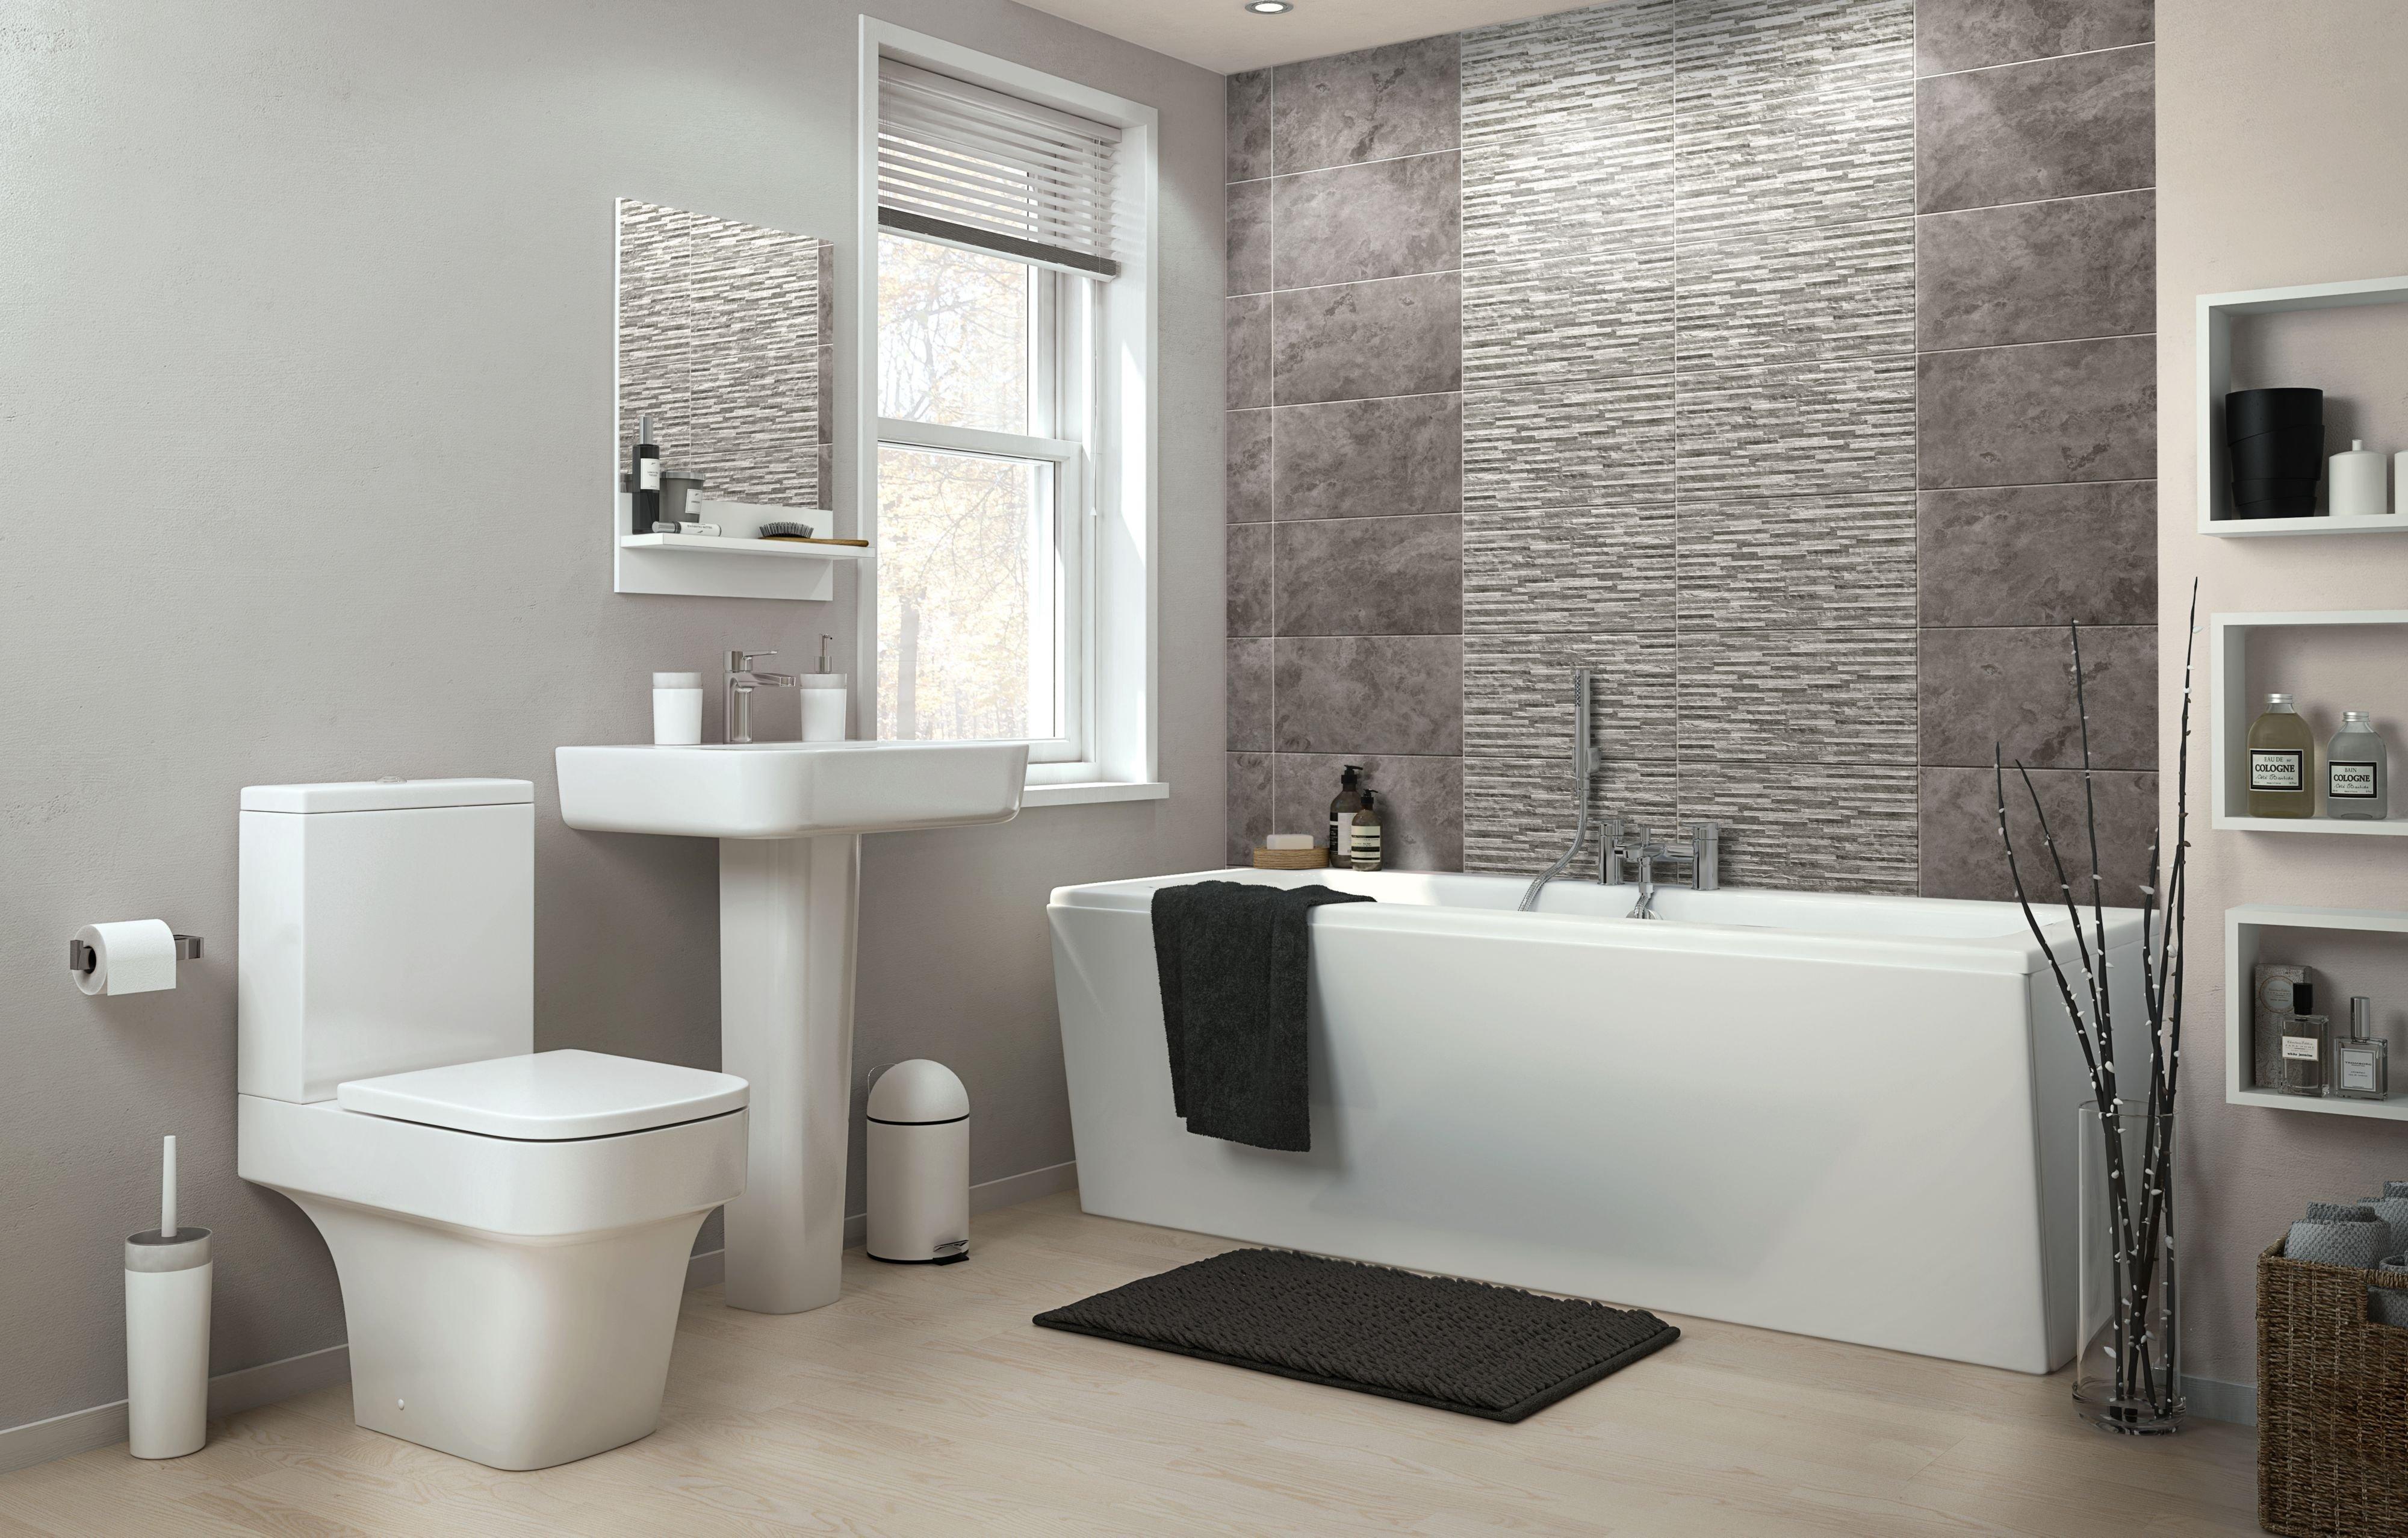 10 Most Popular Bathroom Wall Ideas On A Budget bathroom modern bathroom designs and ideas setup modern bathroom 2021